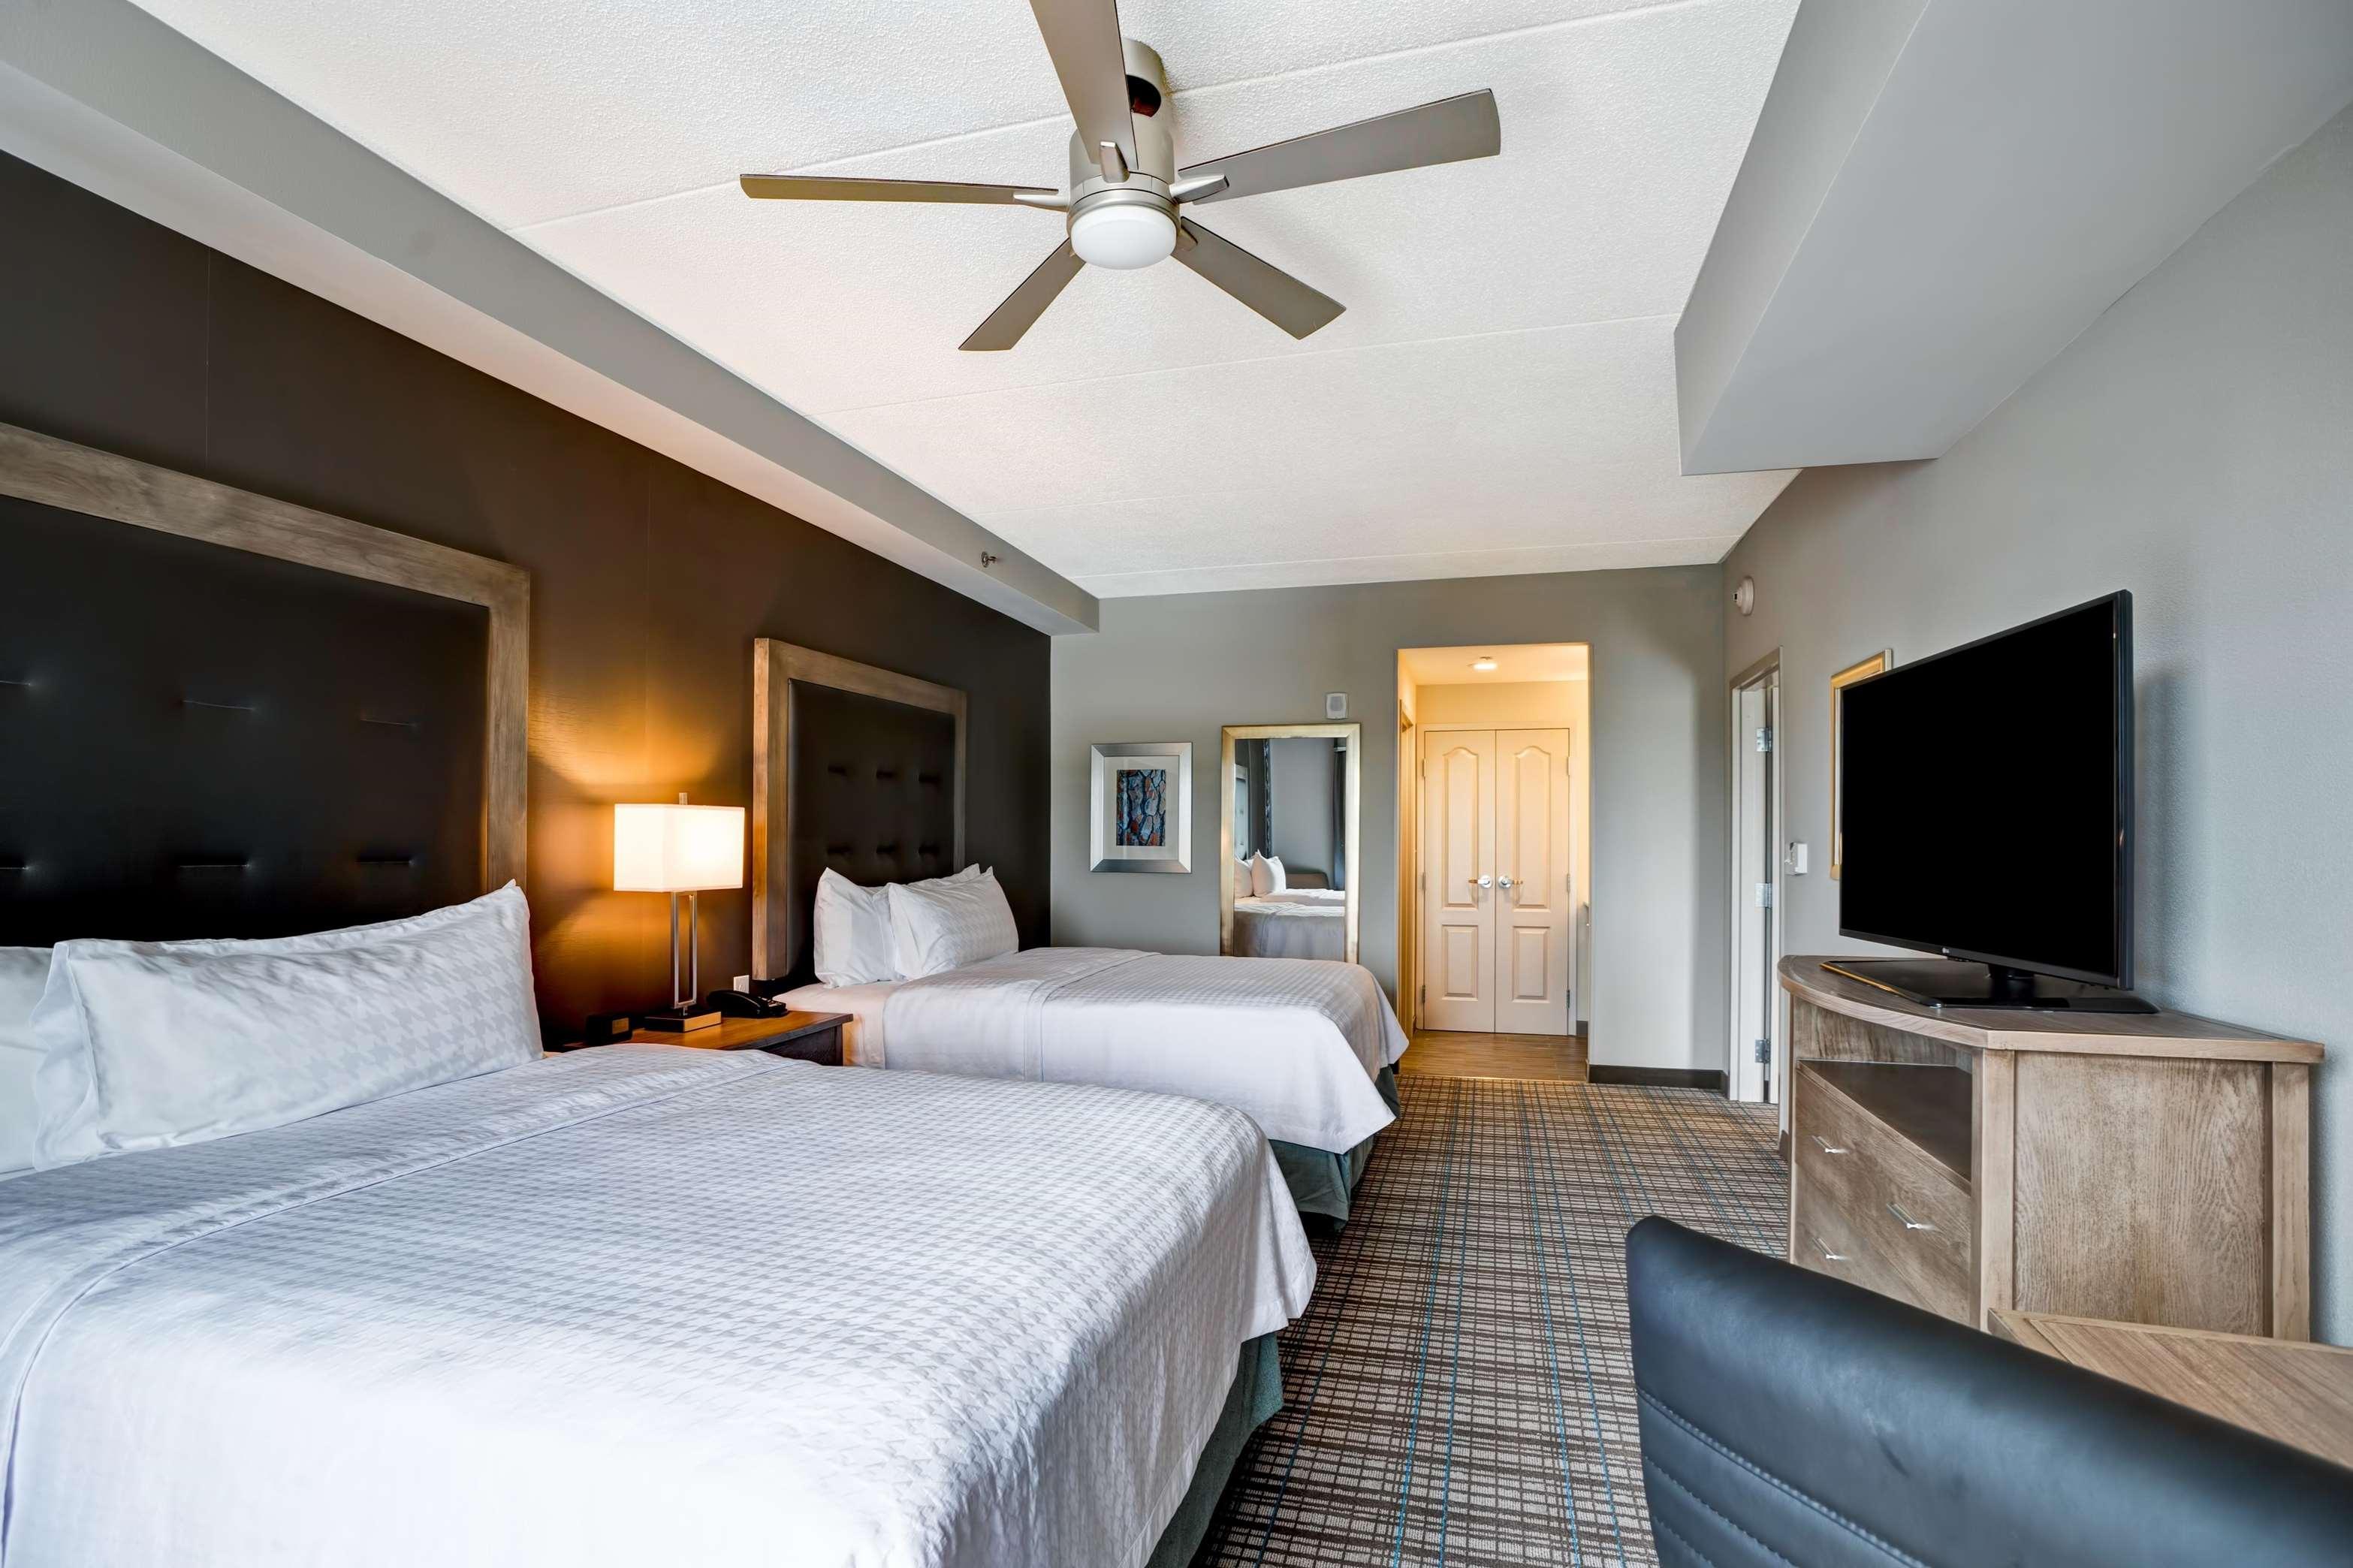 Homewood Suites by Hilton Nashville Franklin Cool Springs image 0